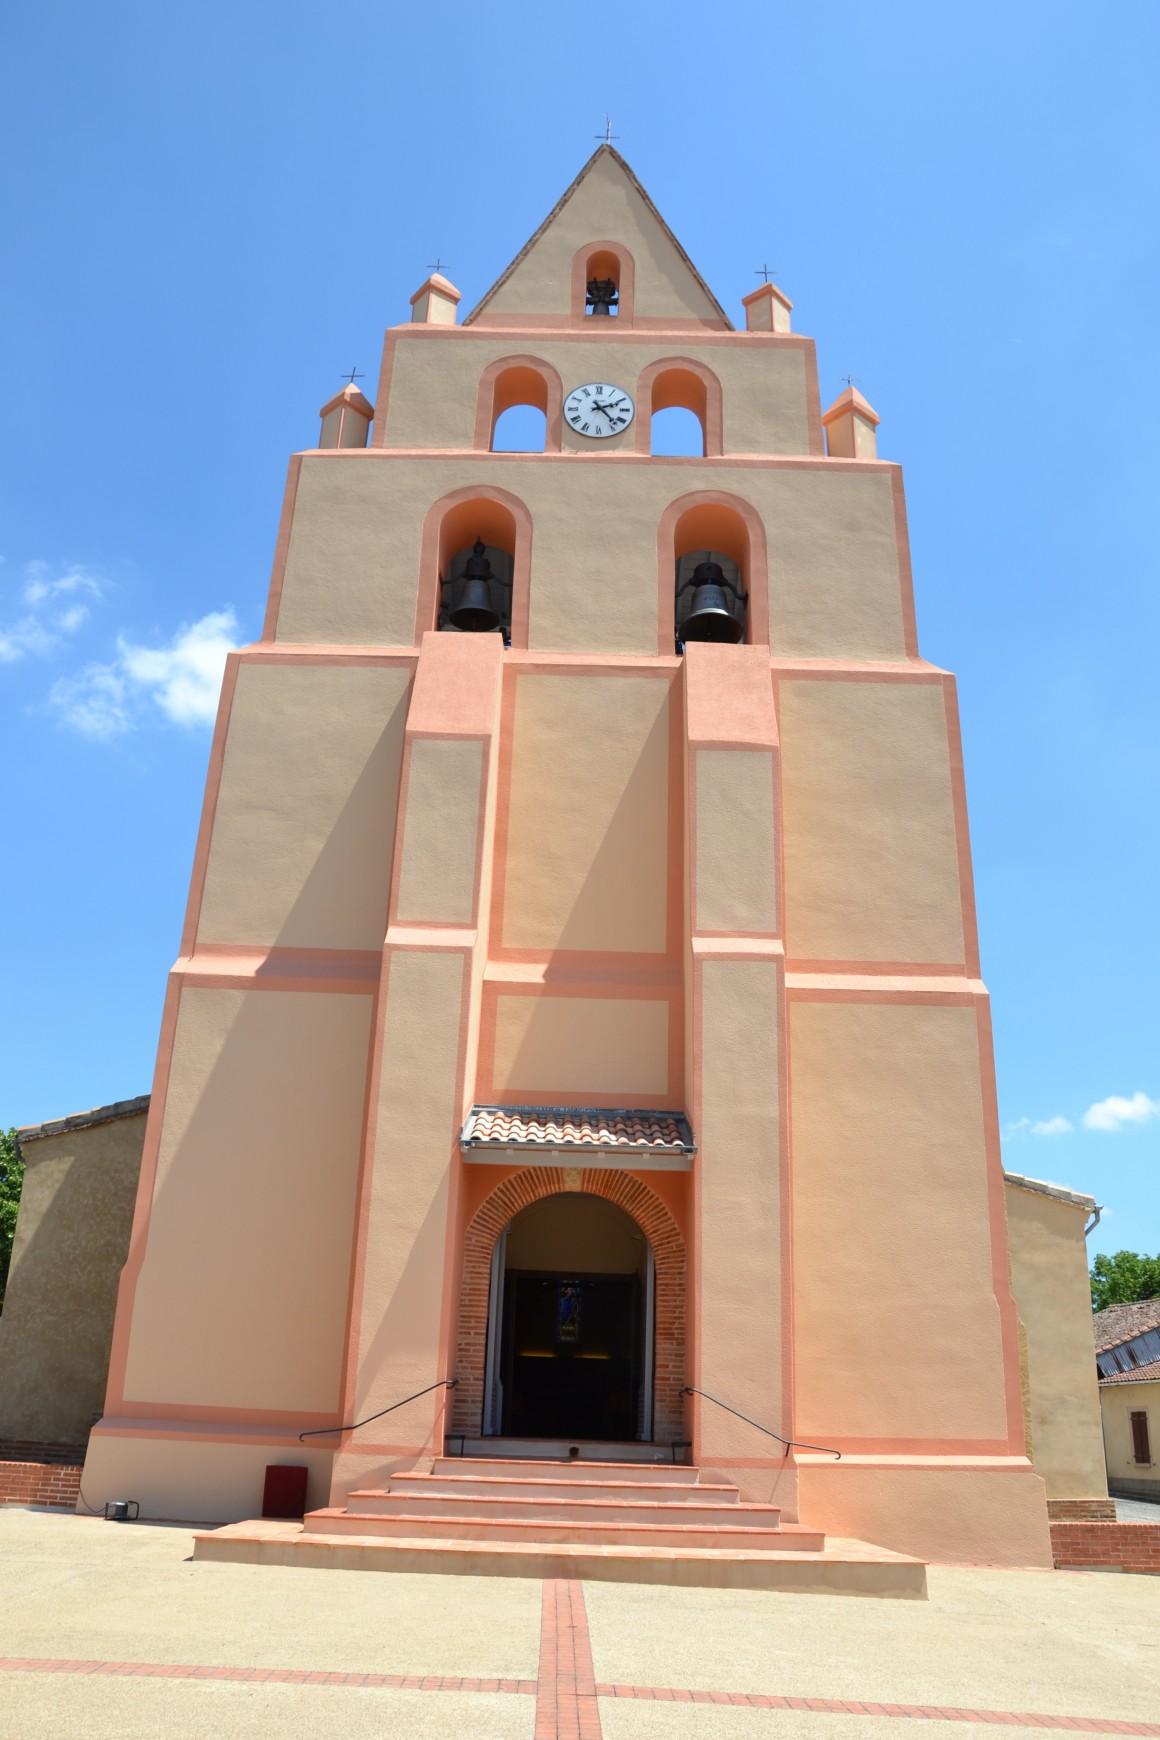 Saint-pierre/Saint-Paul de Noilhan - Noilhan - Saint-pierre/Saint-Paul